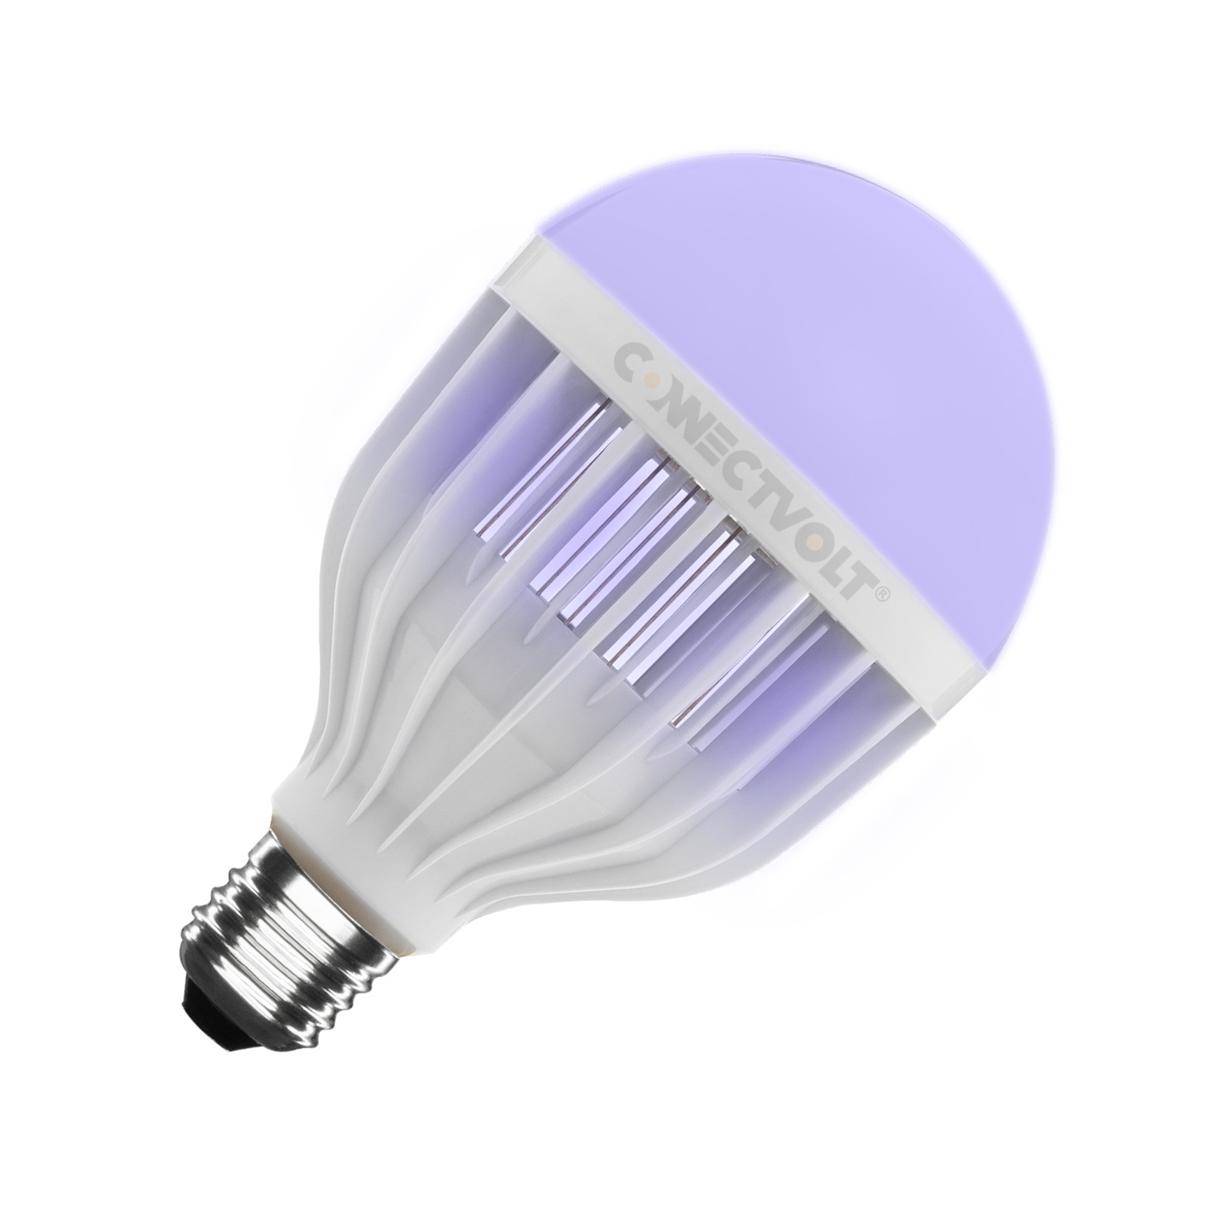 LED Lâmpadas Especiais